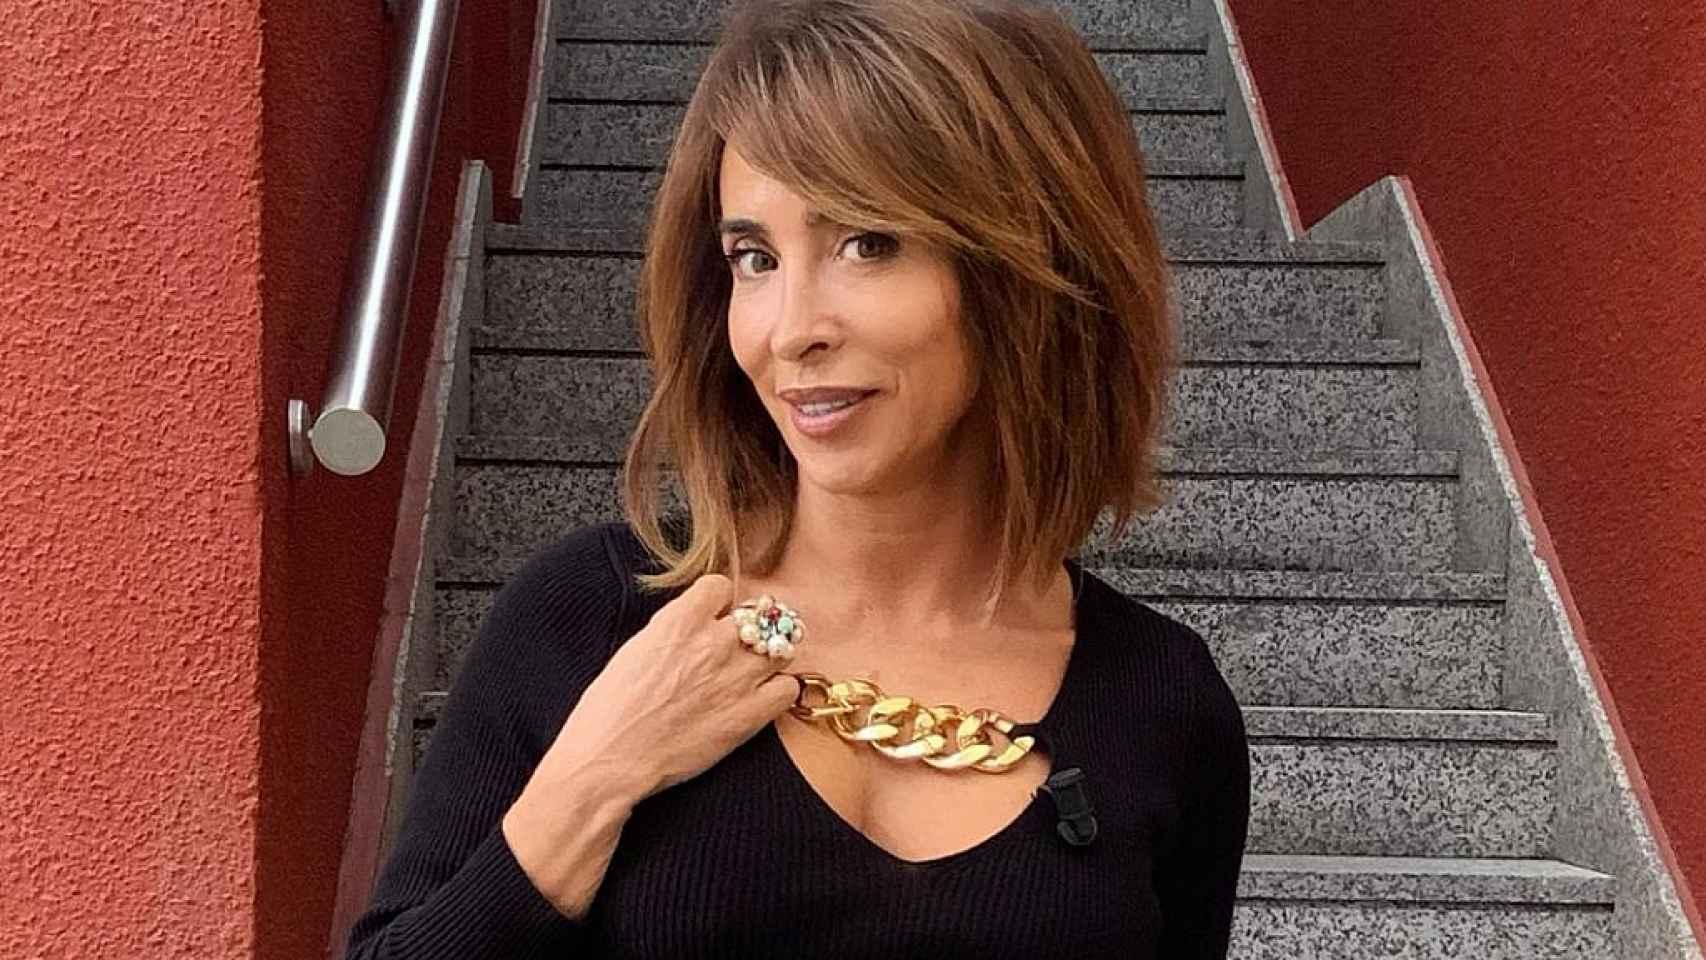 María Patiño, en una imagen compartida en su perfil de Instagram.